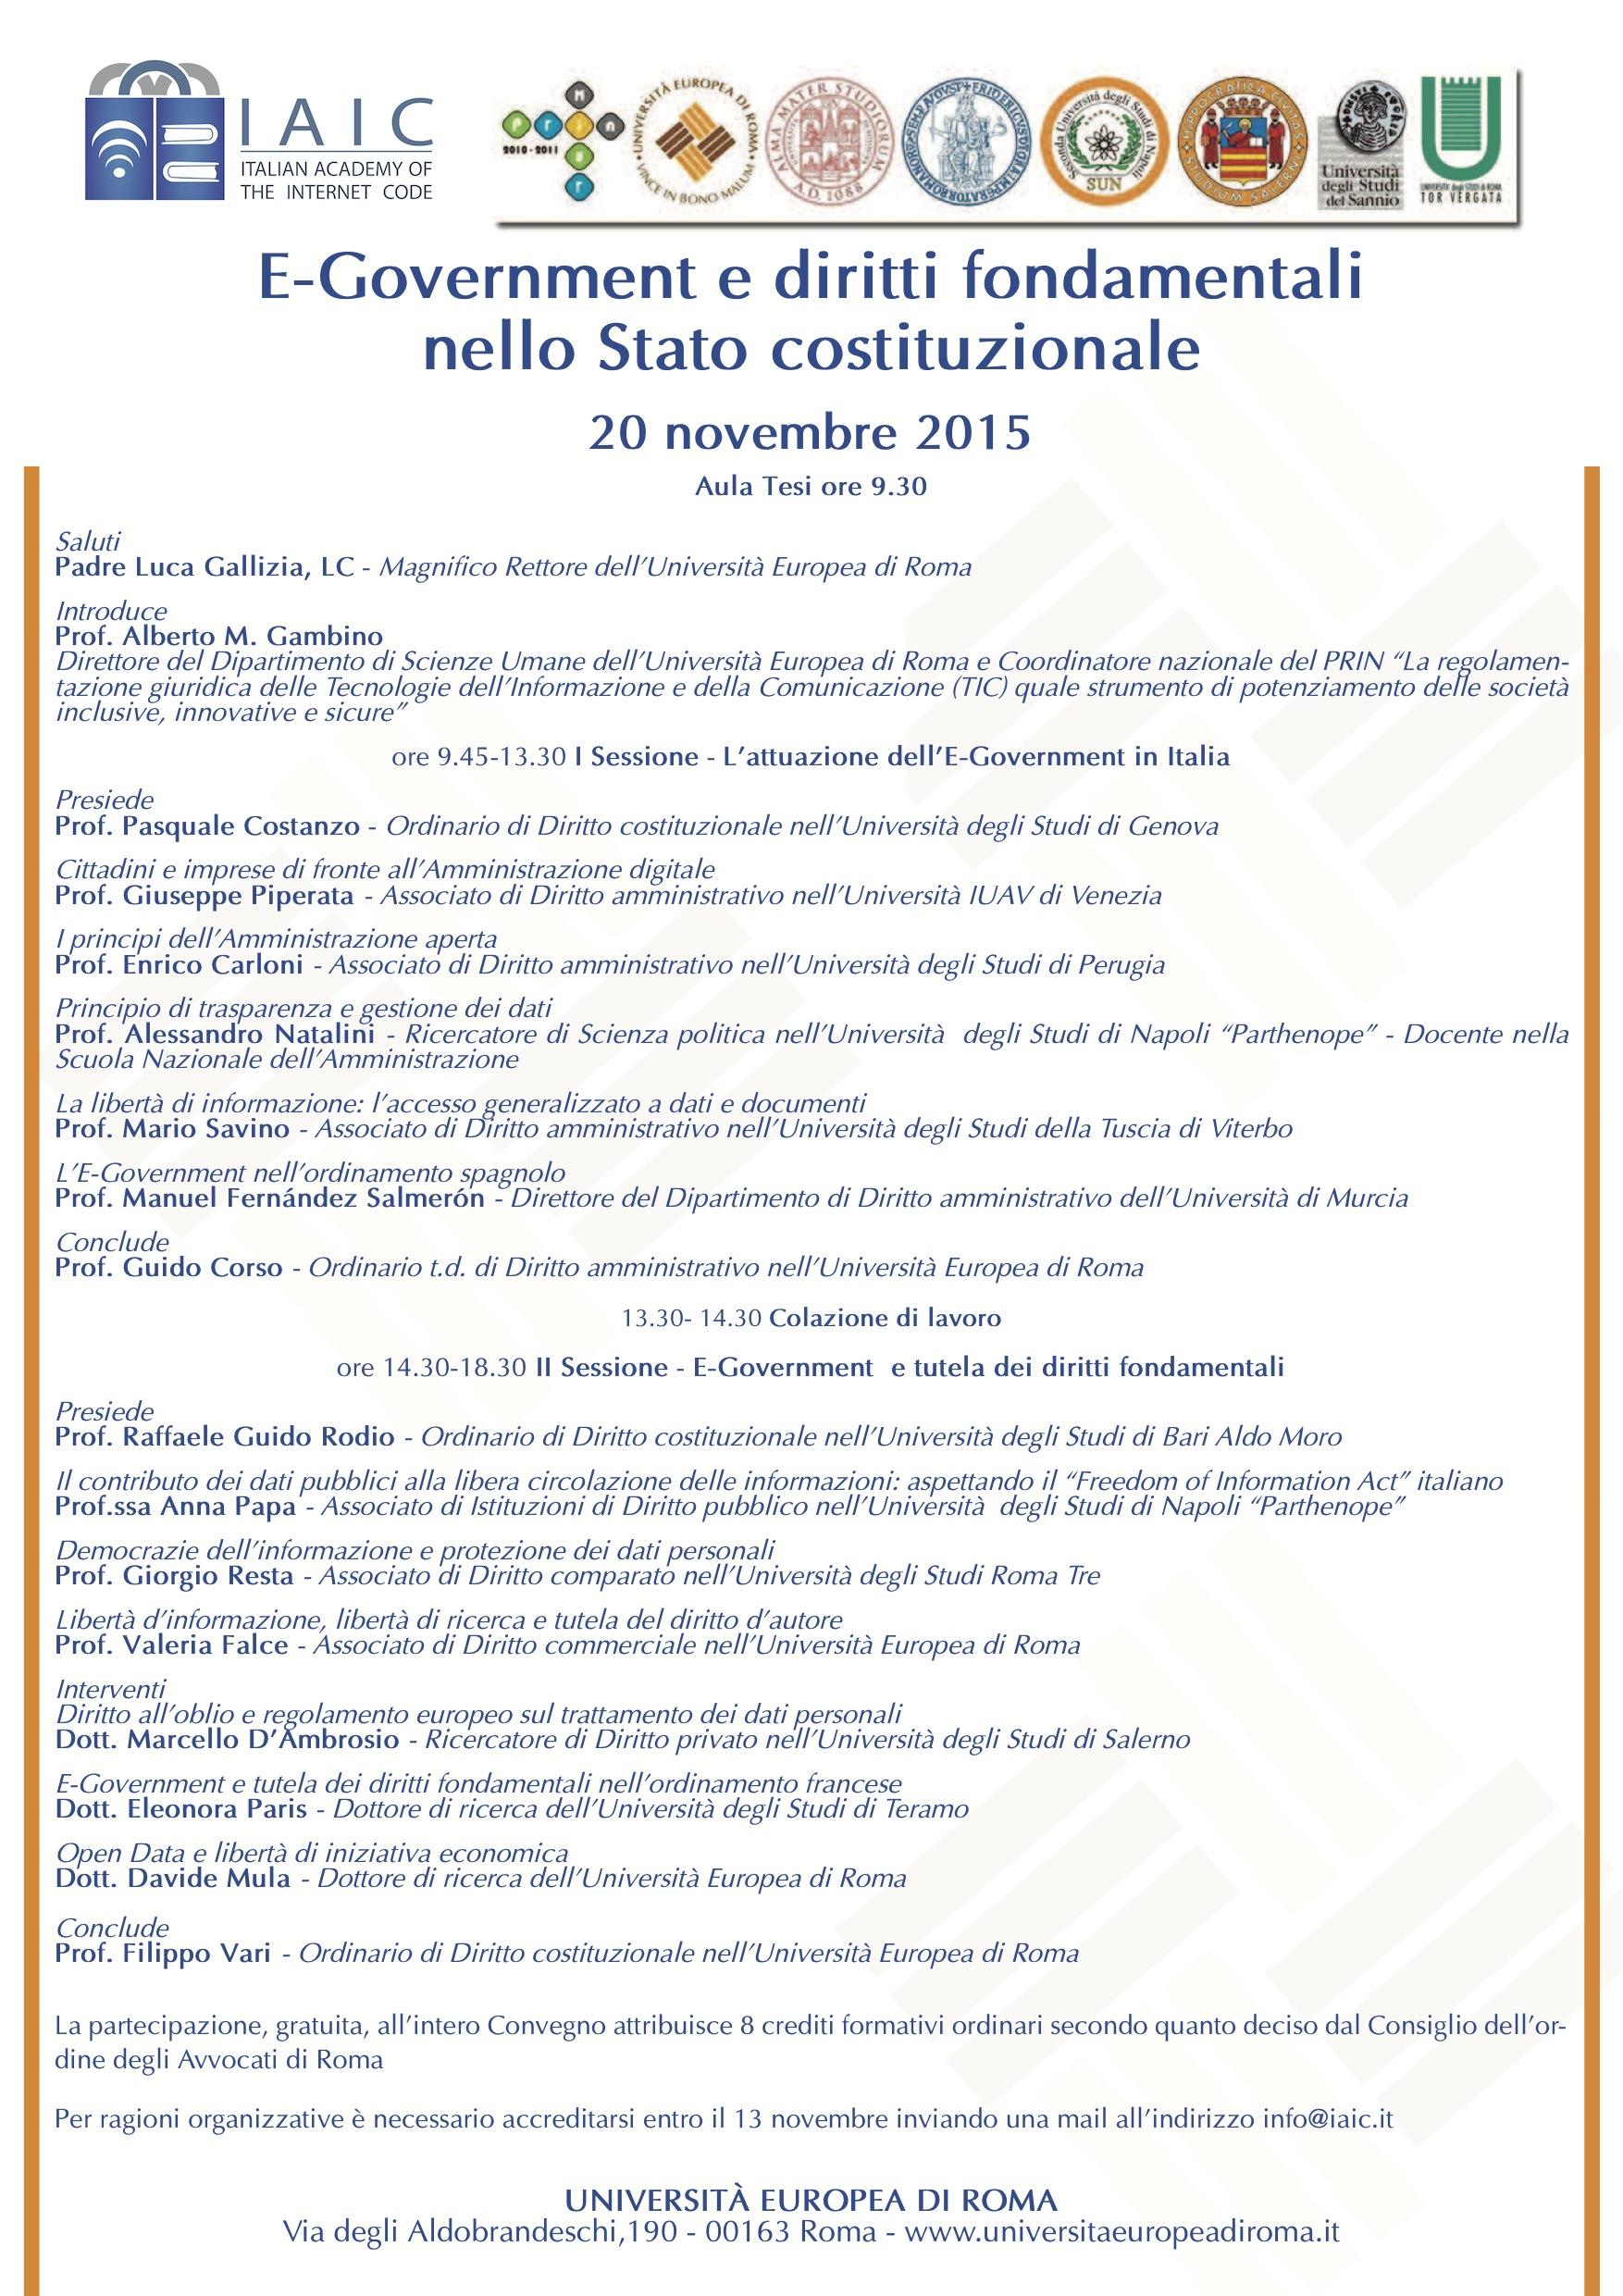 E-Government e diritti fondamentali nello Stato costituzionale